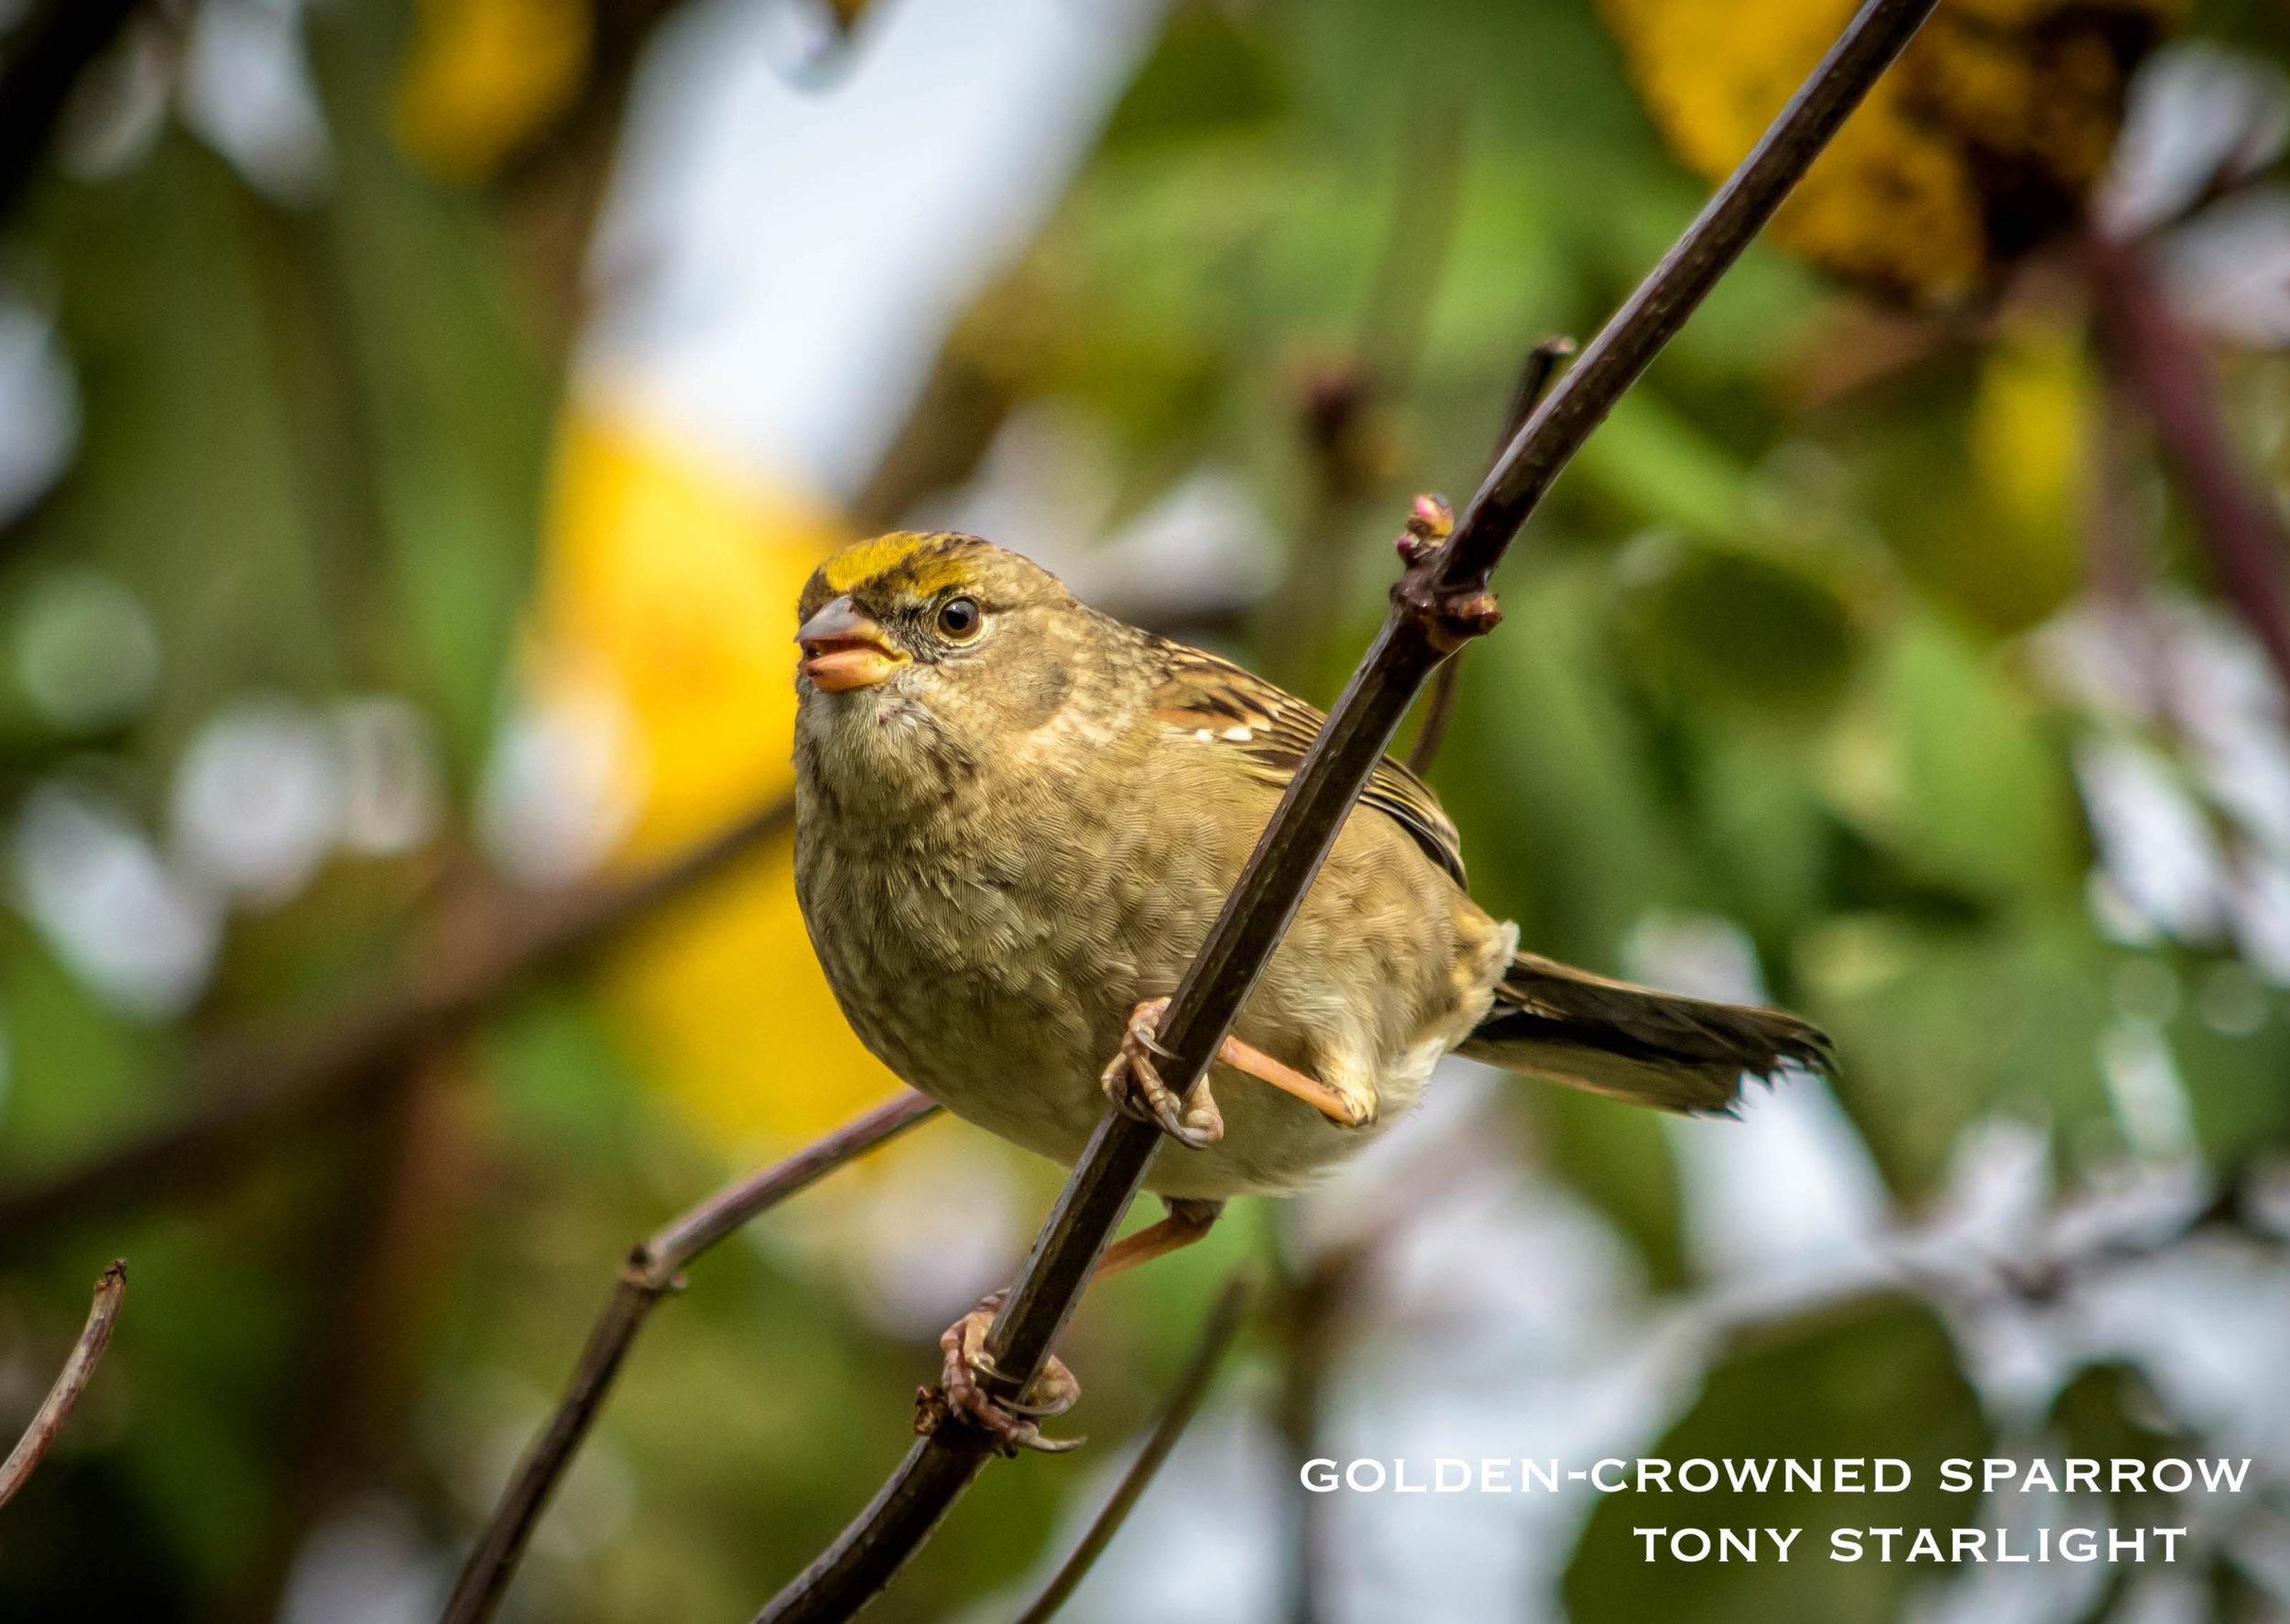 Golden-crowned Sparrow DSC_1072.jpg